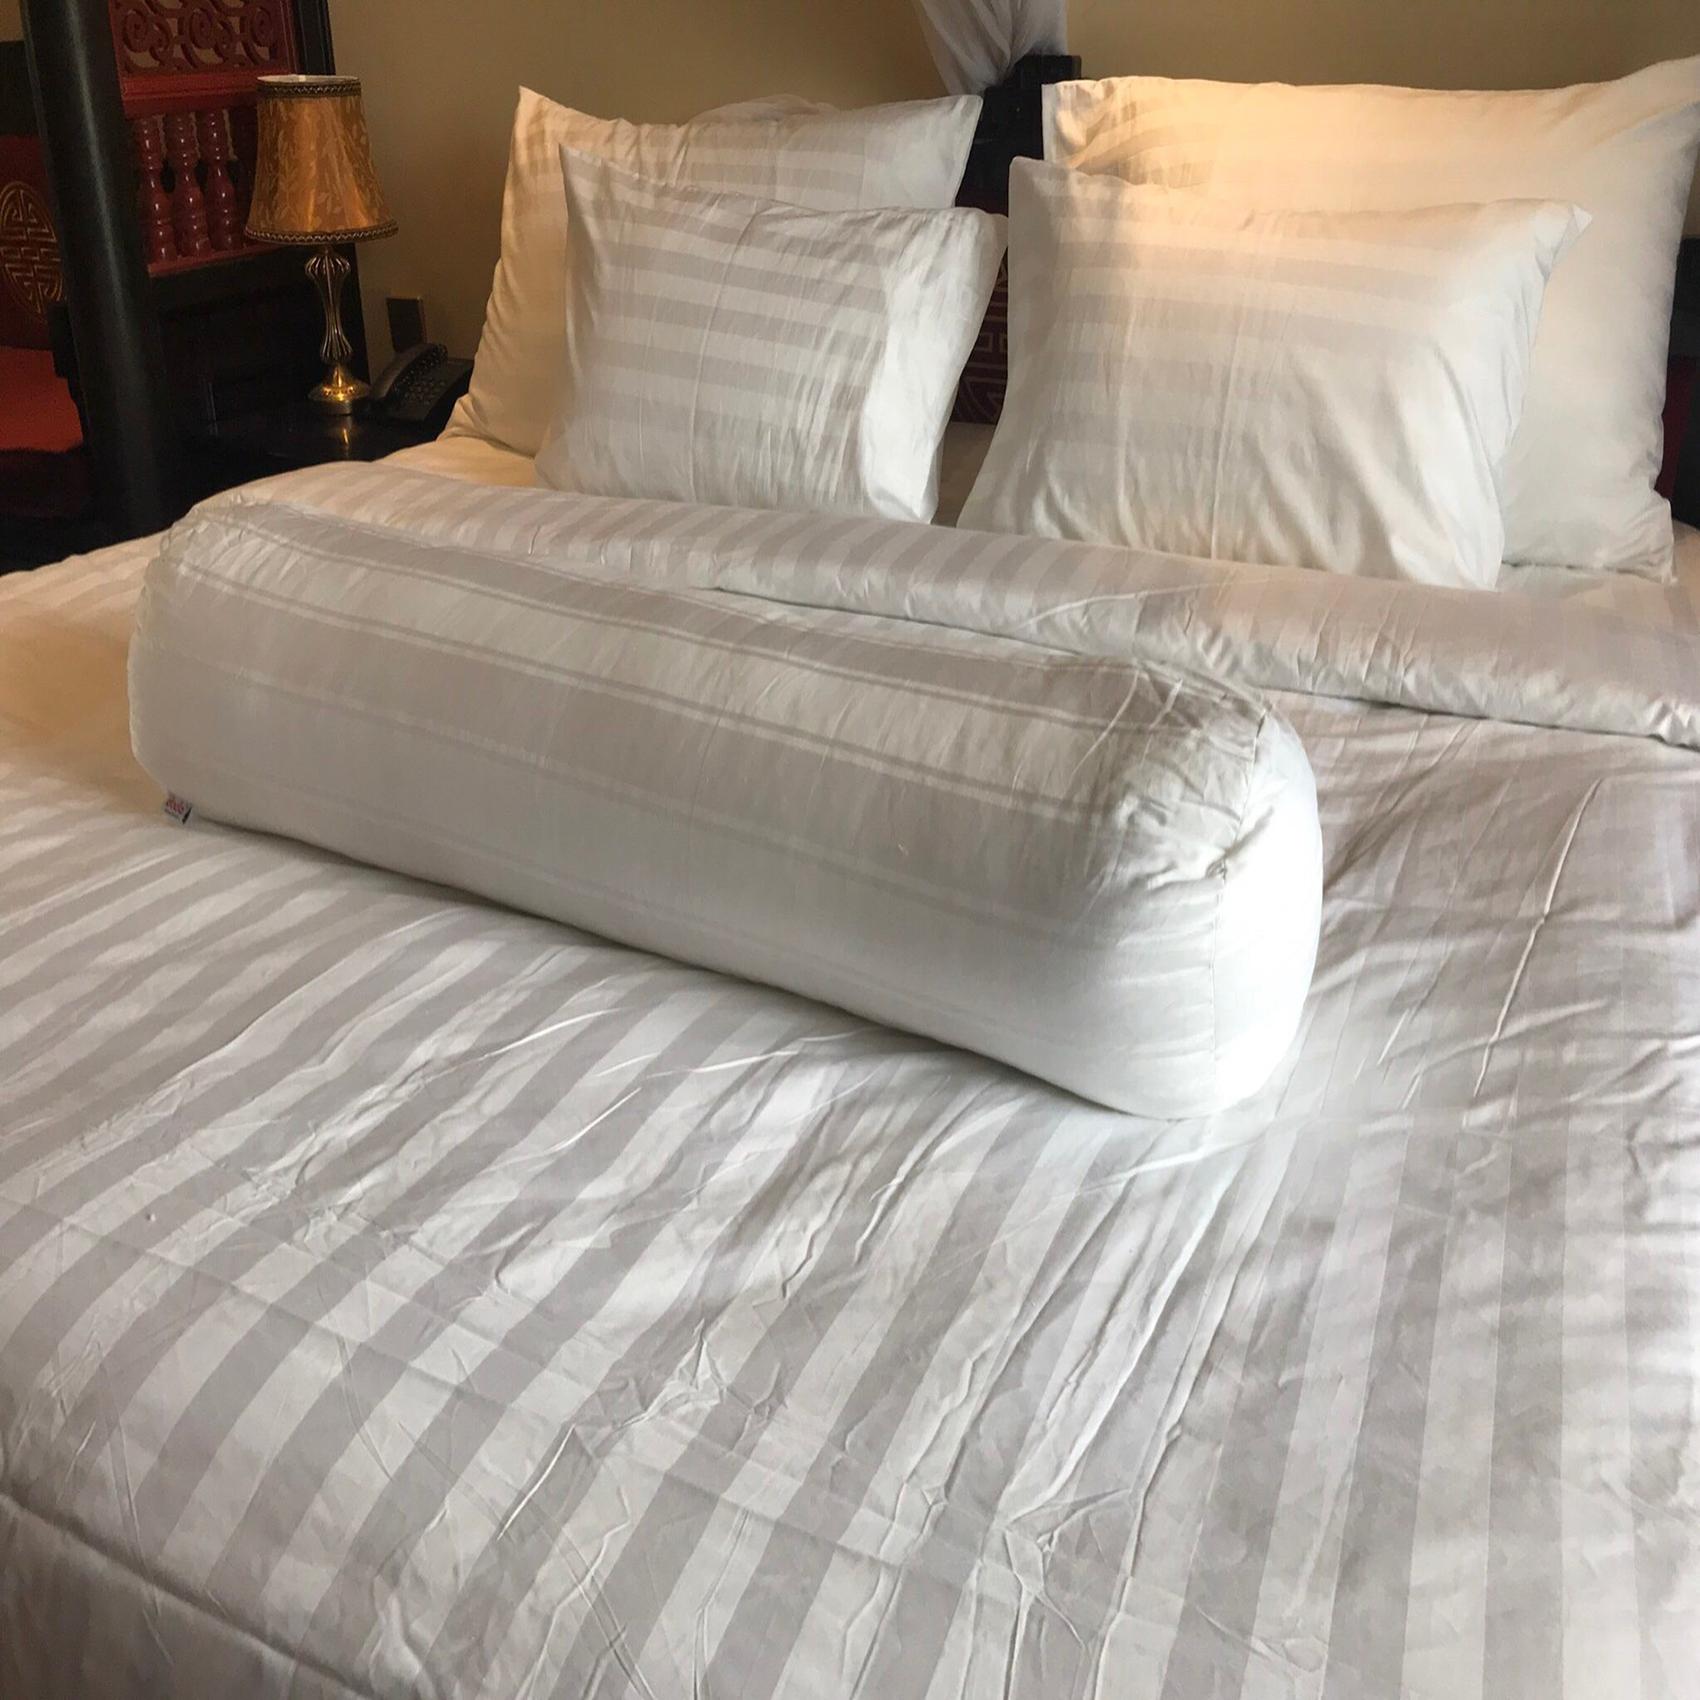 Gối ôm phòng ngủ DADA tiêu chuẩn 5 sao size 80x100cm - Hàng Chính Hãng